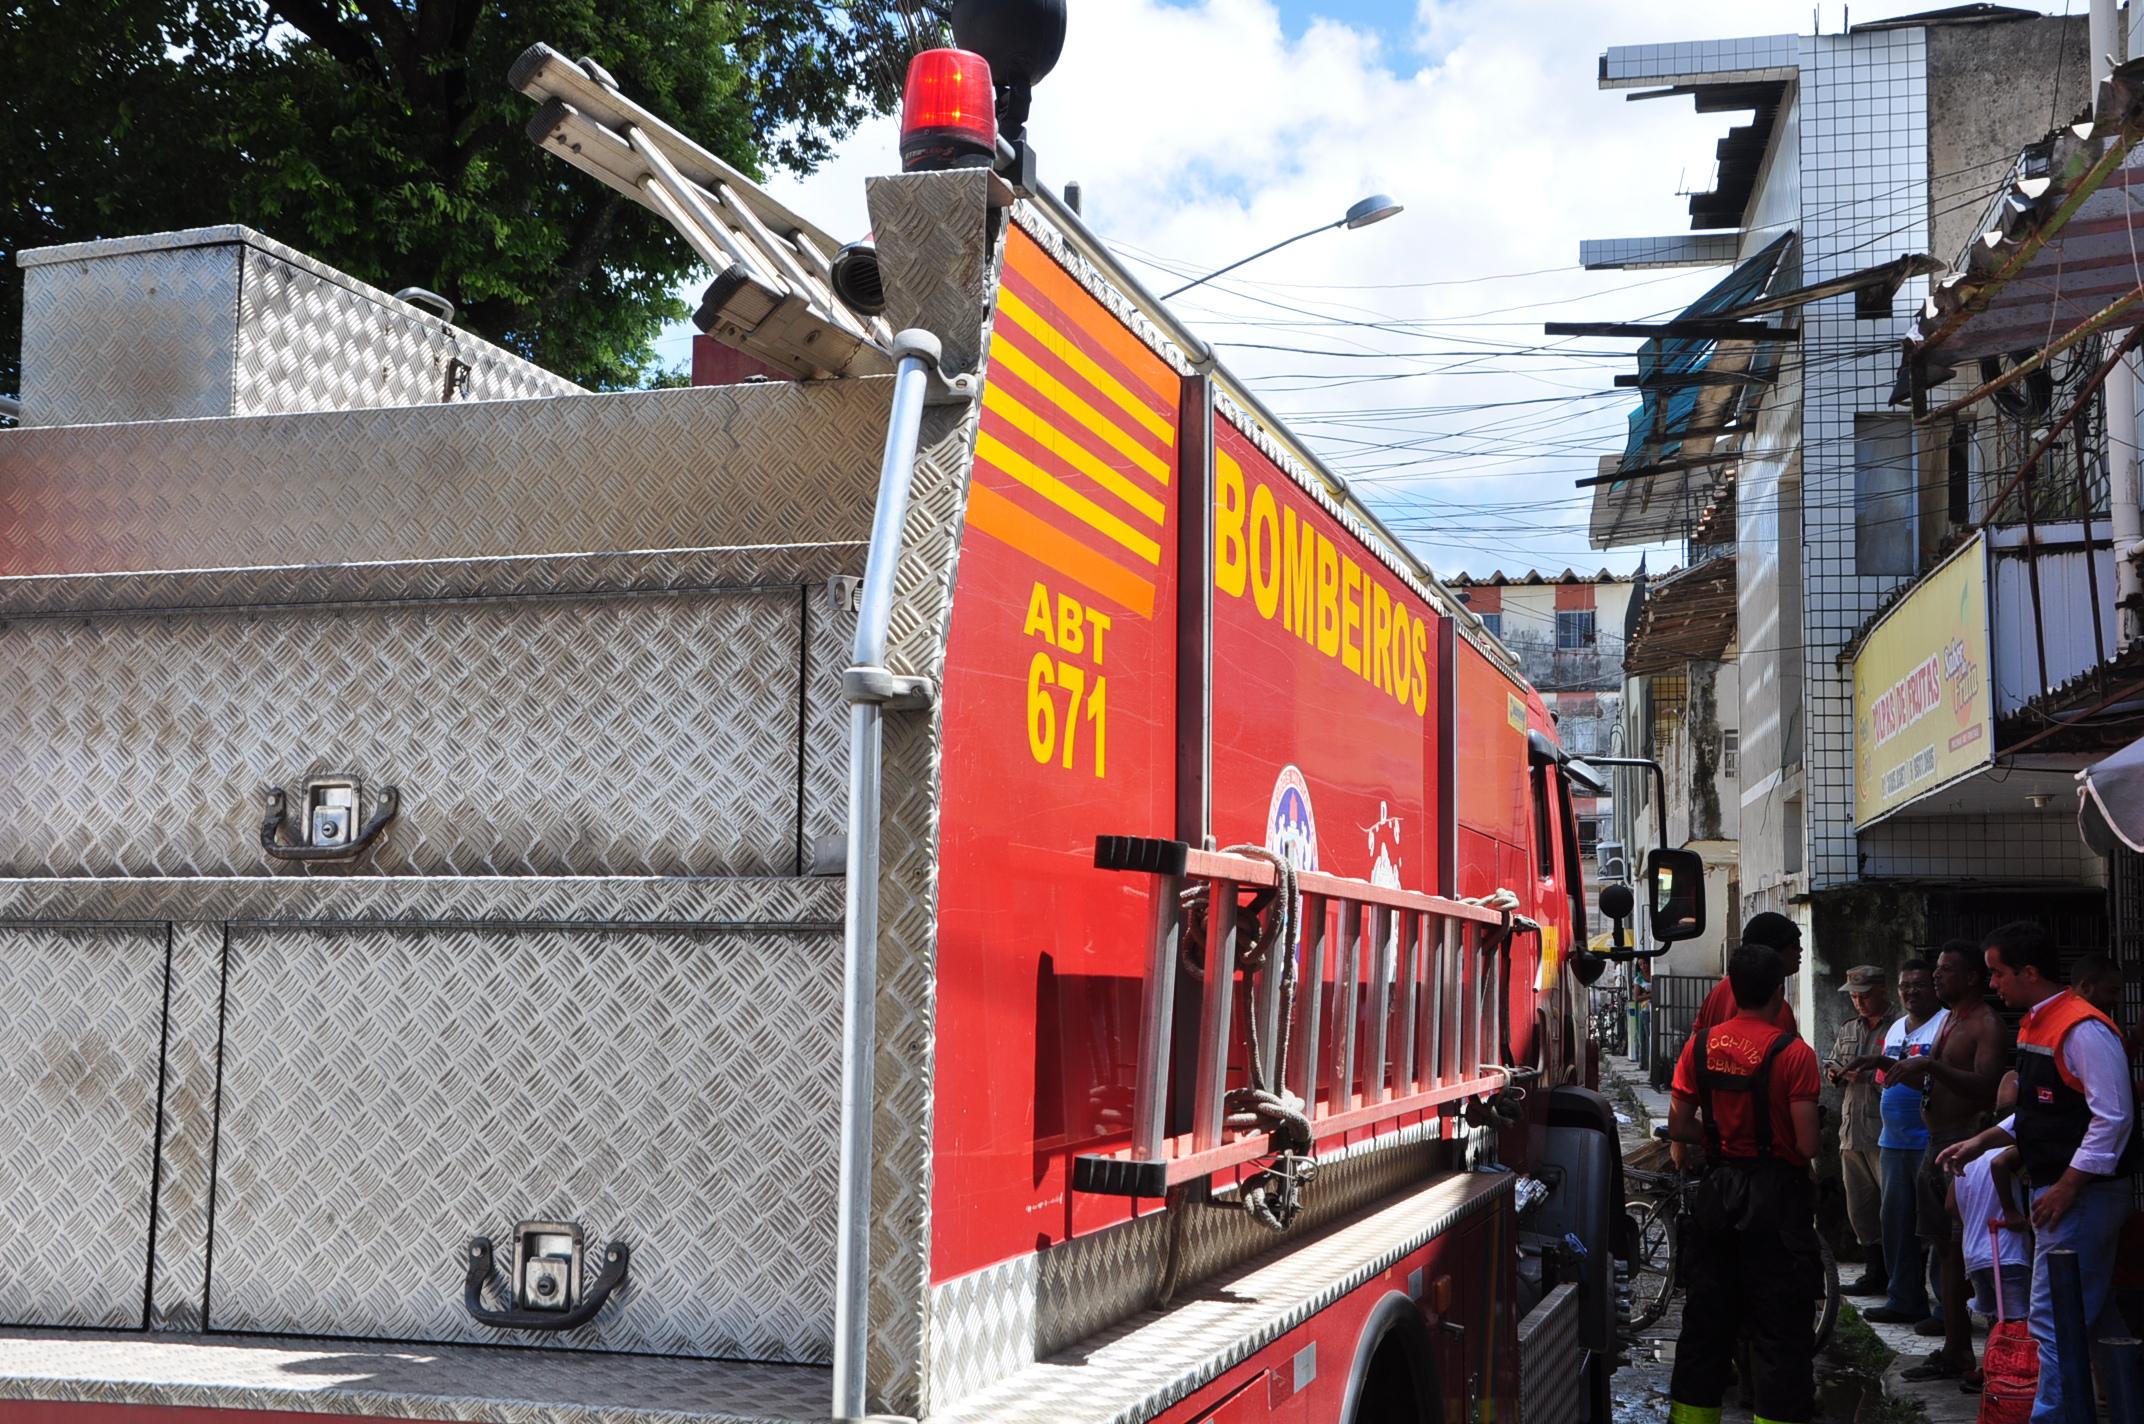 Três equipes do Grupamento de Bombeiros de Salvamento (GBS), de Abreu e Lima, foram ao local para controlar as chamas. Crédito: Cortesia